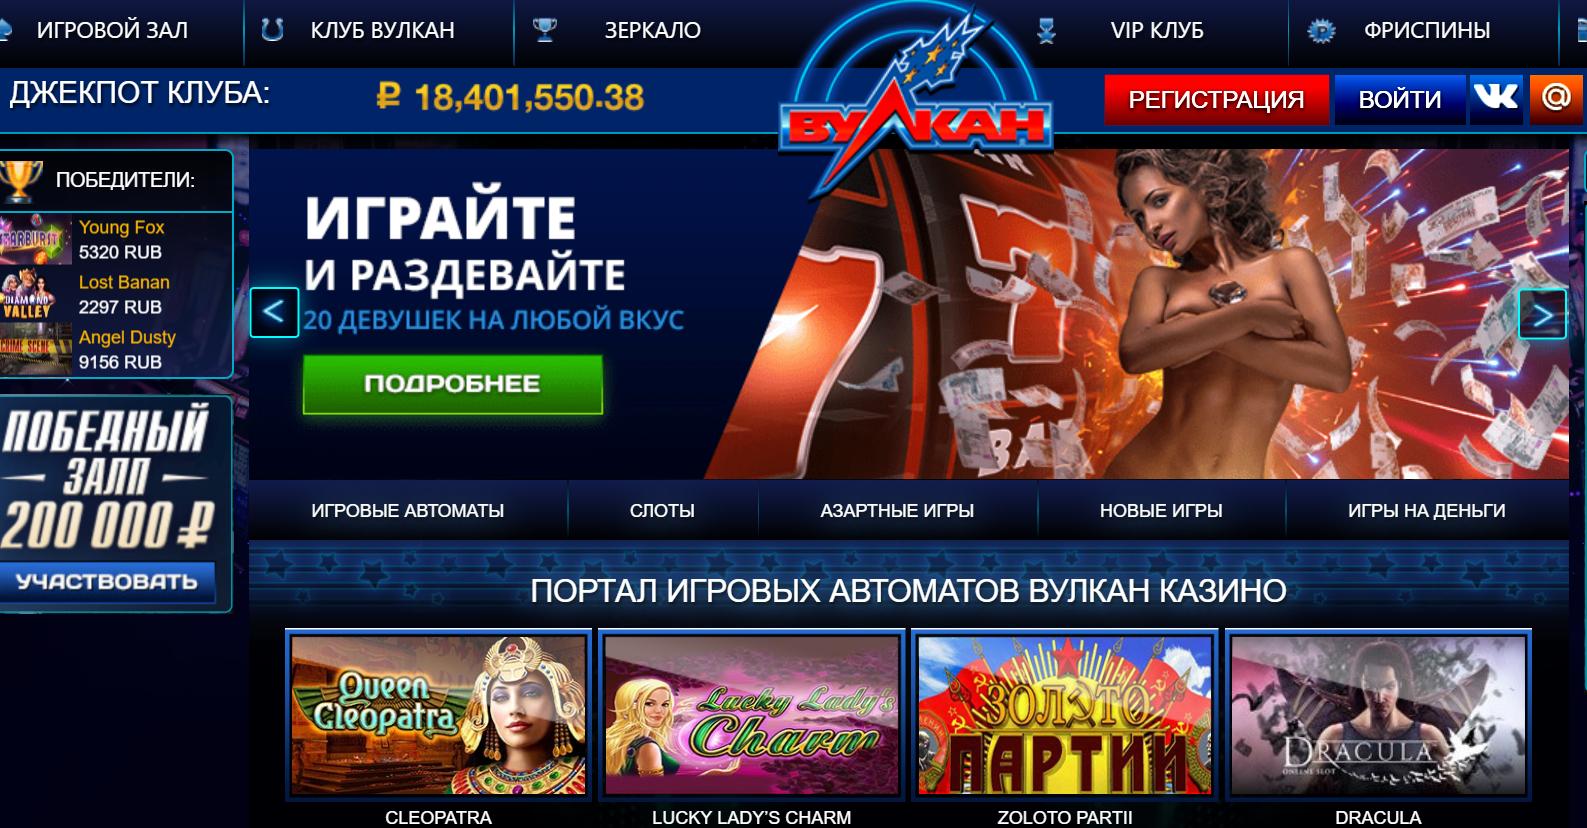 Популярный сервис онлайн развлечений Вулкан